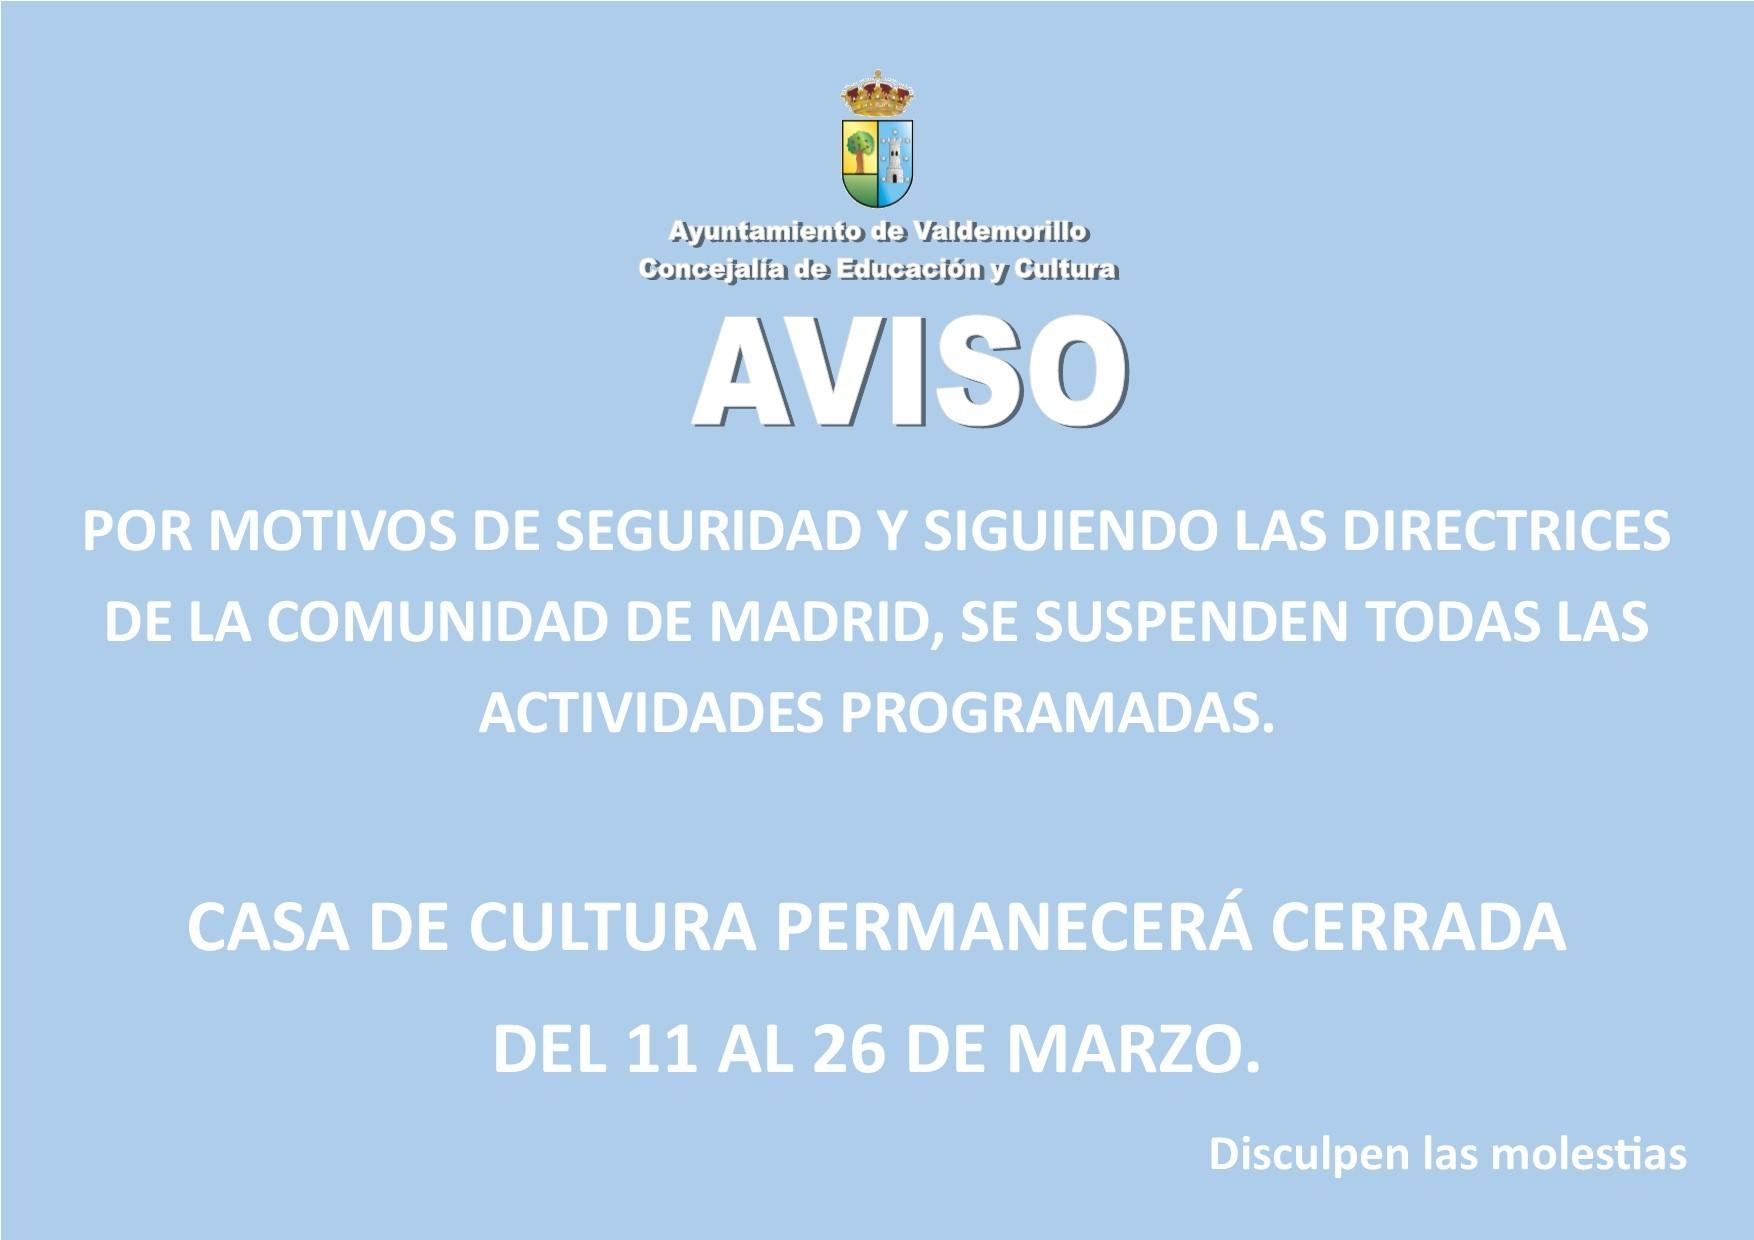 La Casa de Cultura de Valdemorillo  suspende programación y cierra  del 11 al 26 de marzo por motivos de seguridad